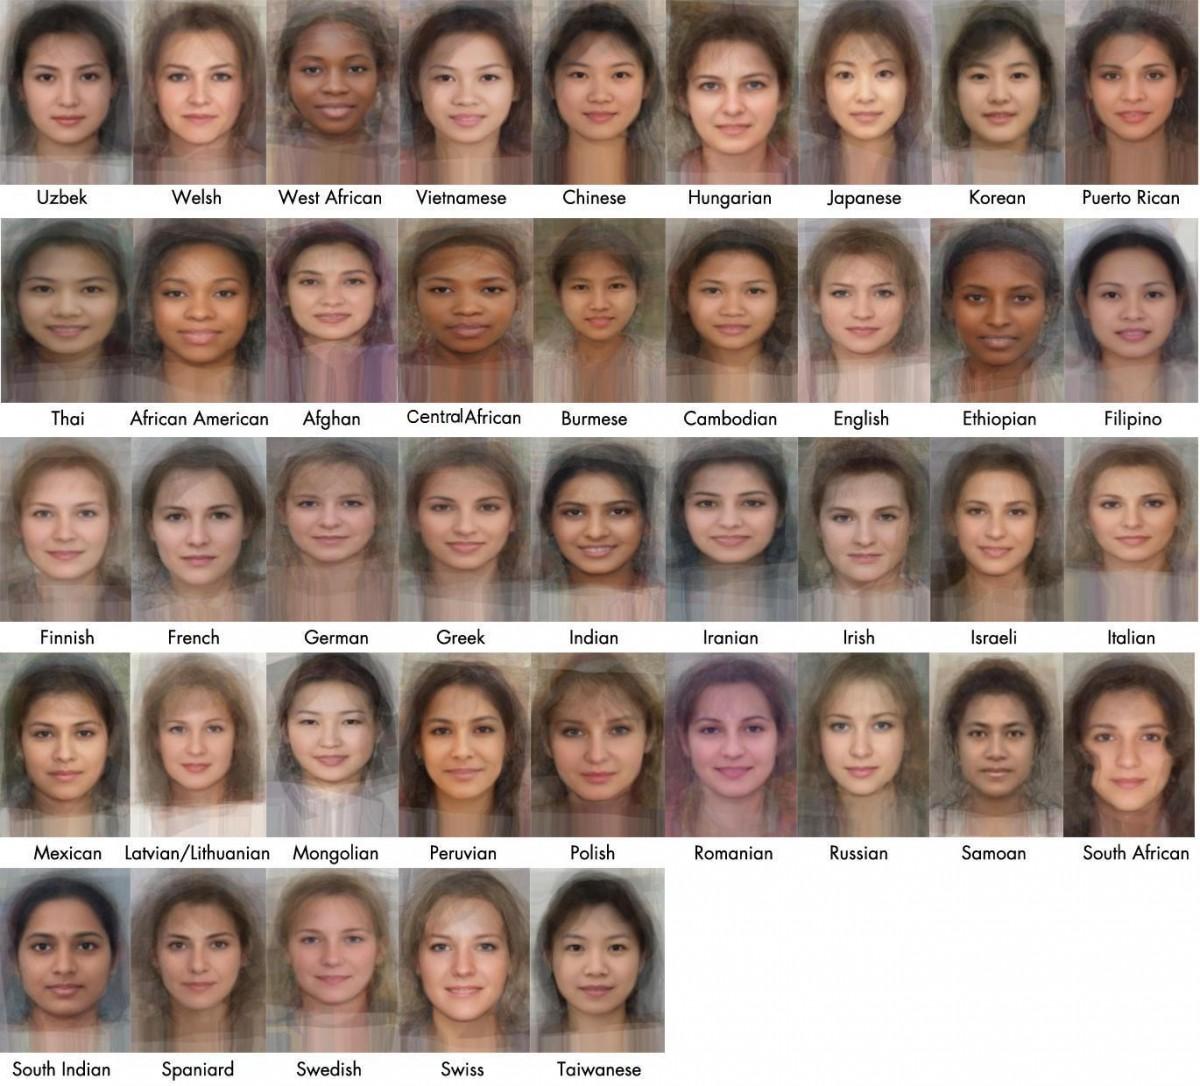 Bilgisayarlar aracılığıyla, tür içerisindeki çeşitliliğin ortalamasını almak mümkündür. Bu ortalama özellikler, bize türümüzün geçmişiyle ilgili ilgi çekici bilgiler sunabilir. Bazı kişiler bu ortalama özellikler arasındaki farklılıkları